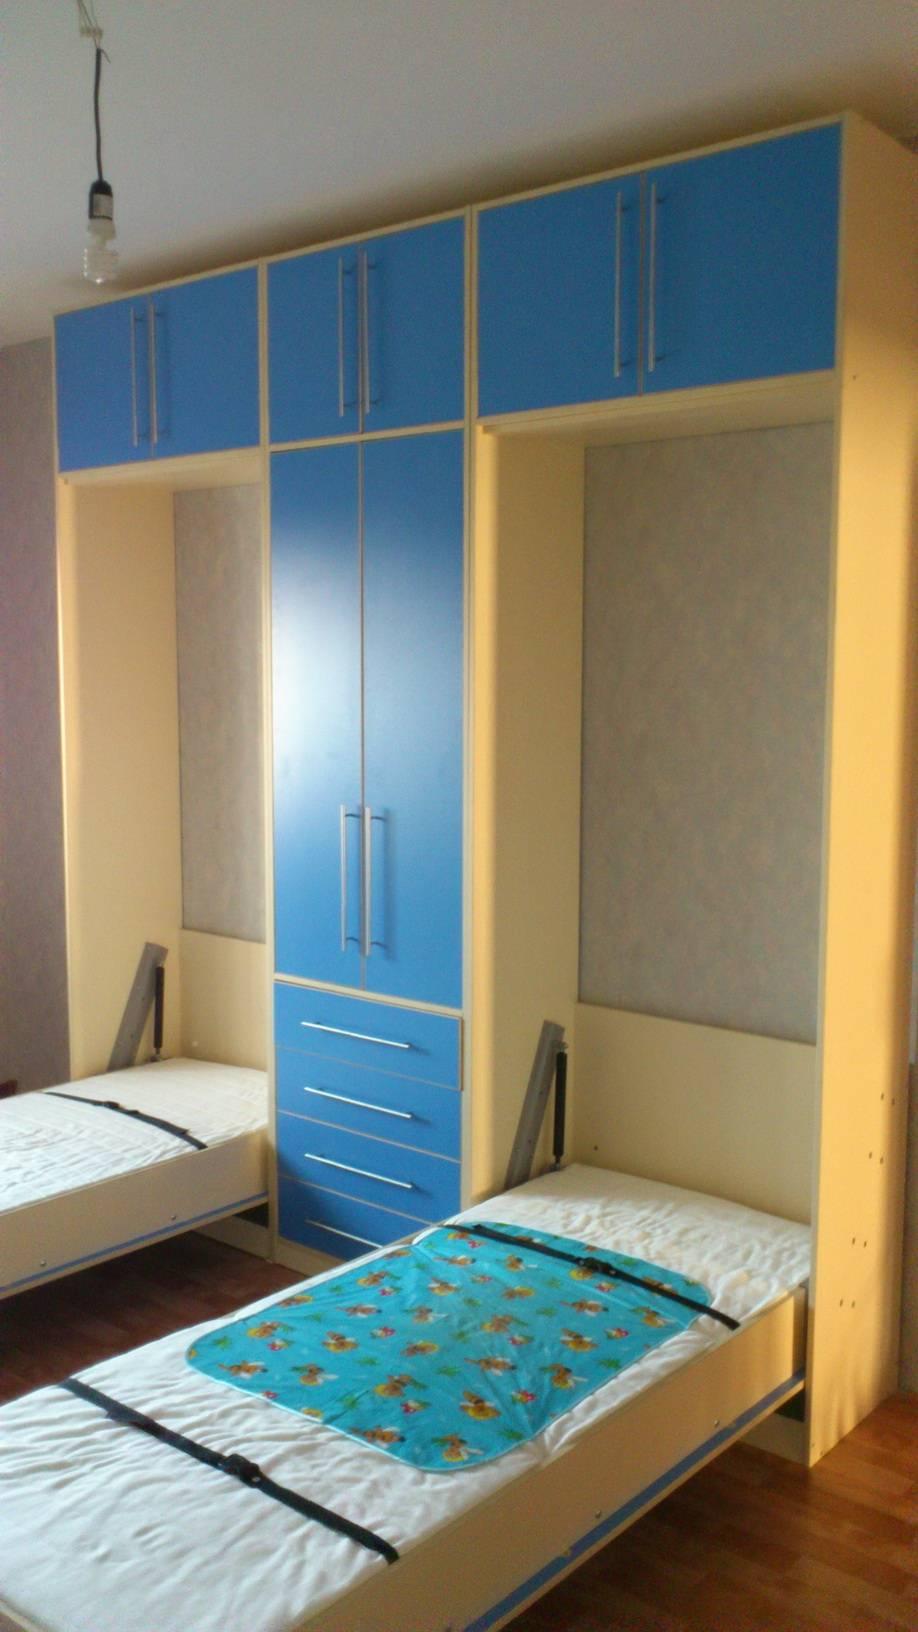 Кровать трансформер для малогабаритной квартиры - изучаем варианты!